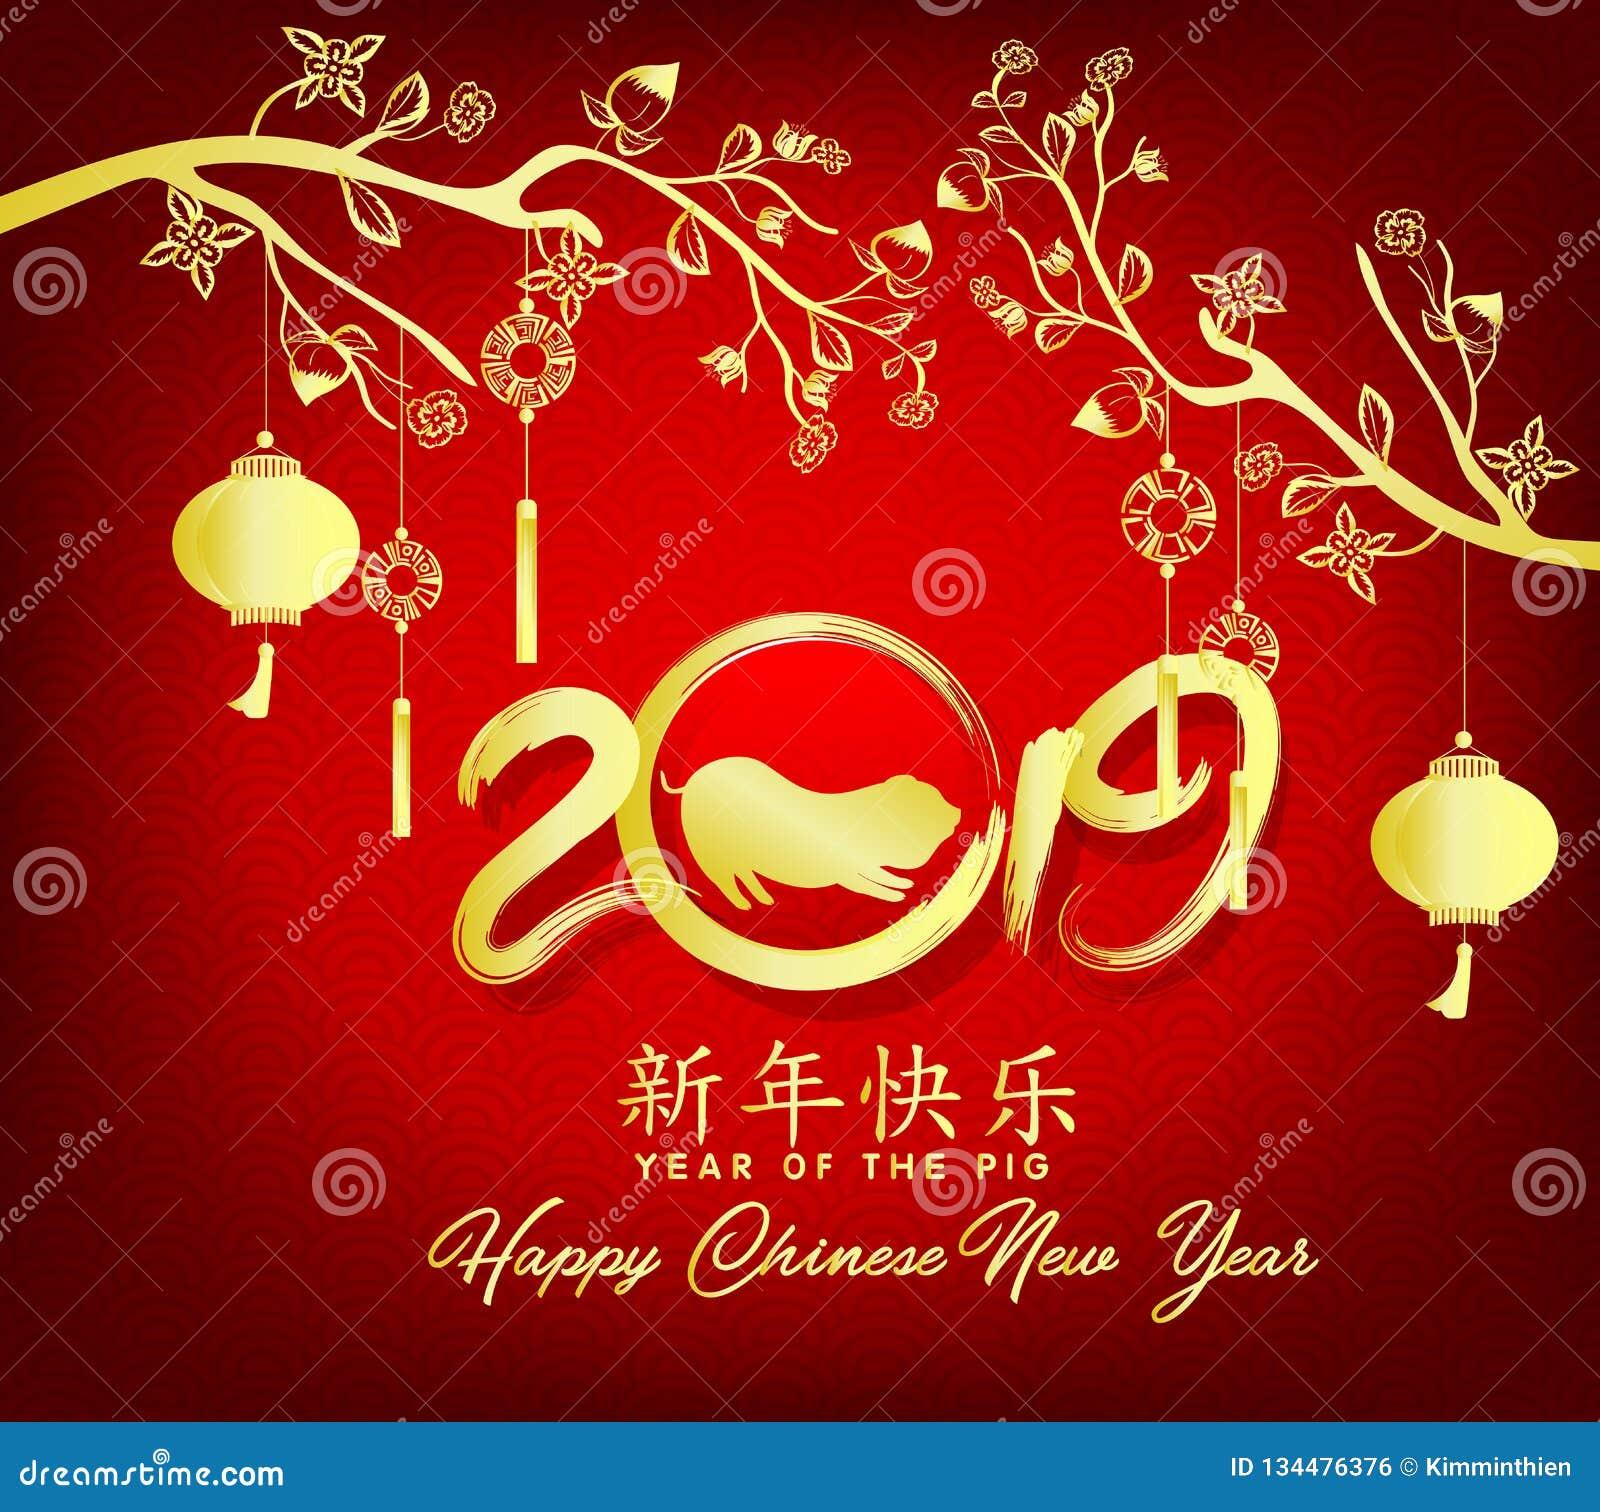 Lyckligt kinesiskt nytt år 2019, år av svinet lunar nytt år År för medel för kinesiska tecken lyckligt nytt